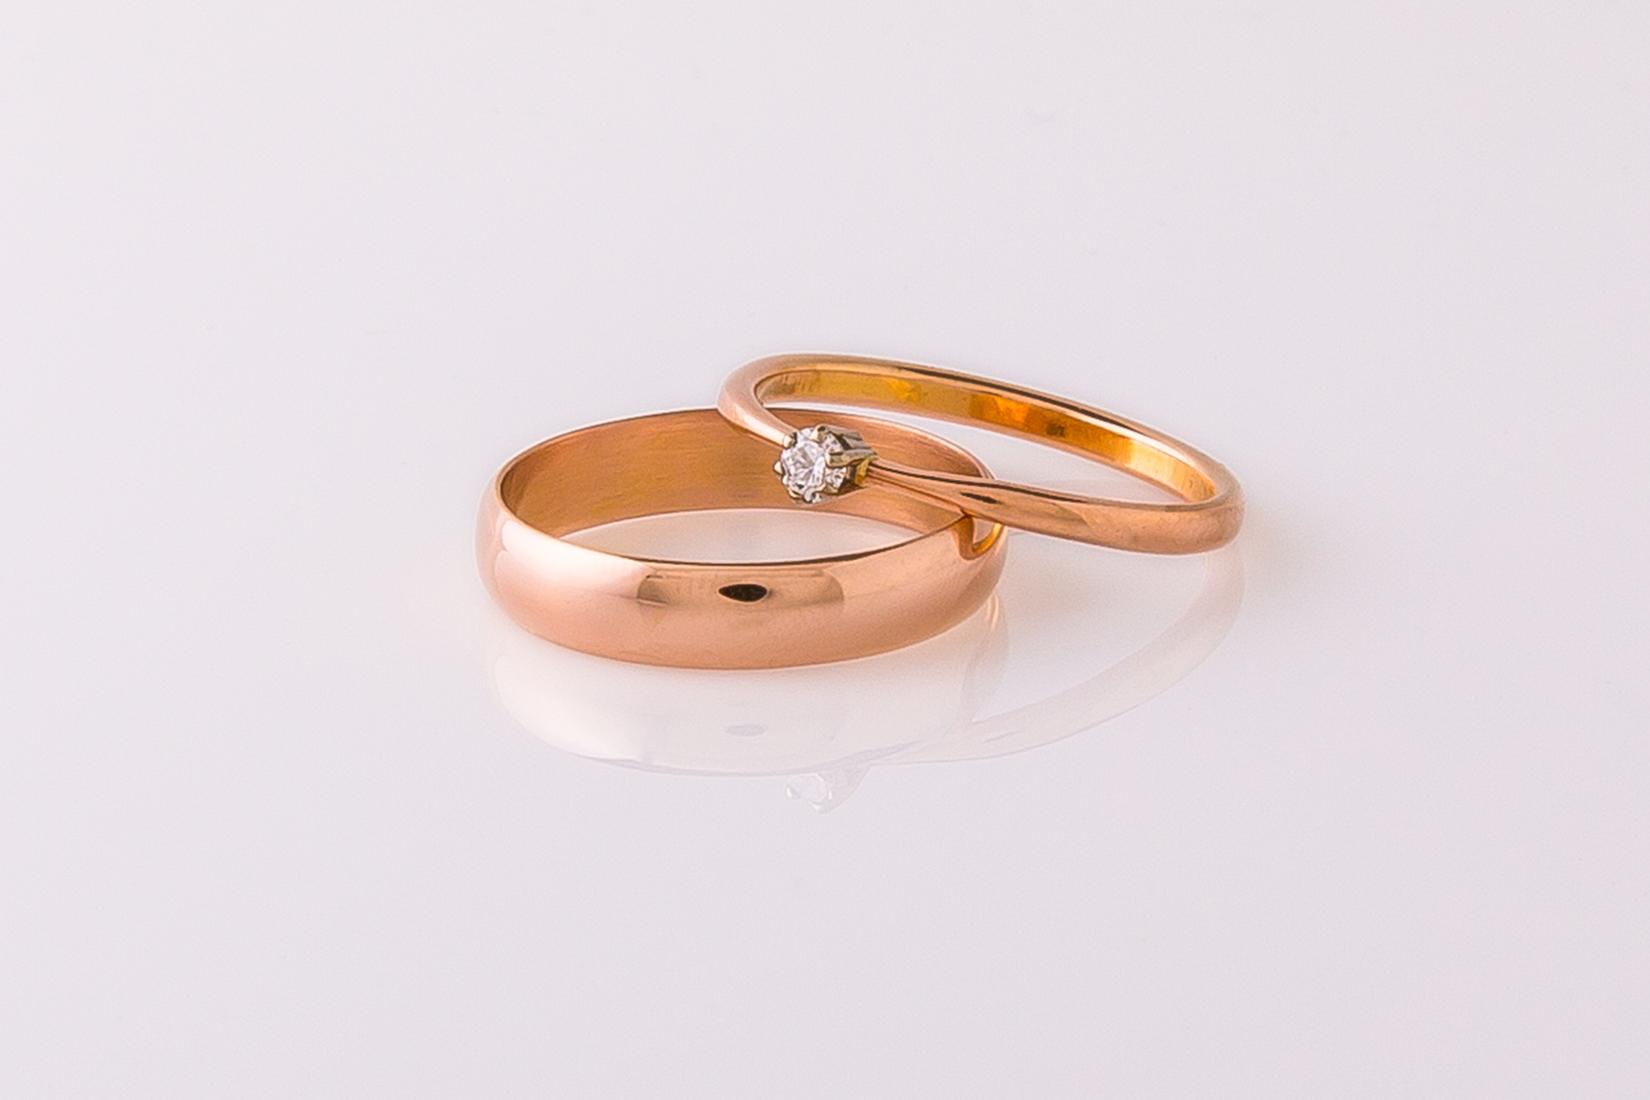 goudmerk-ring-trouwen-rood-goud-hooglans-toelopend-briljant